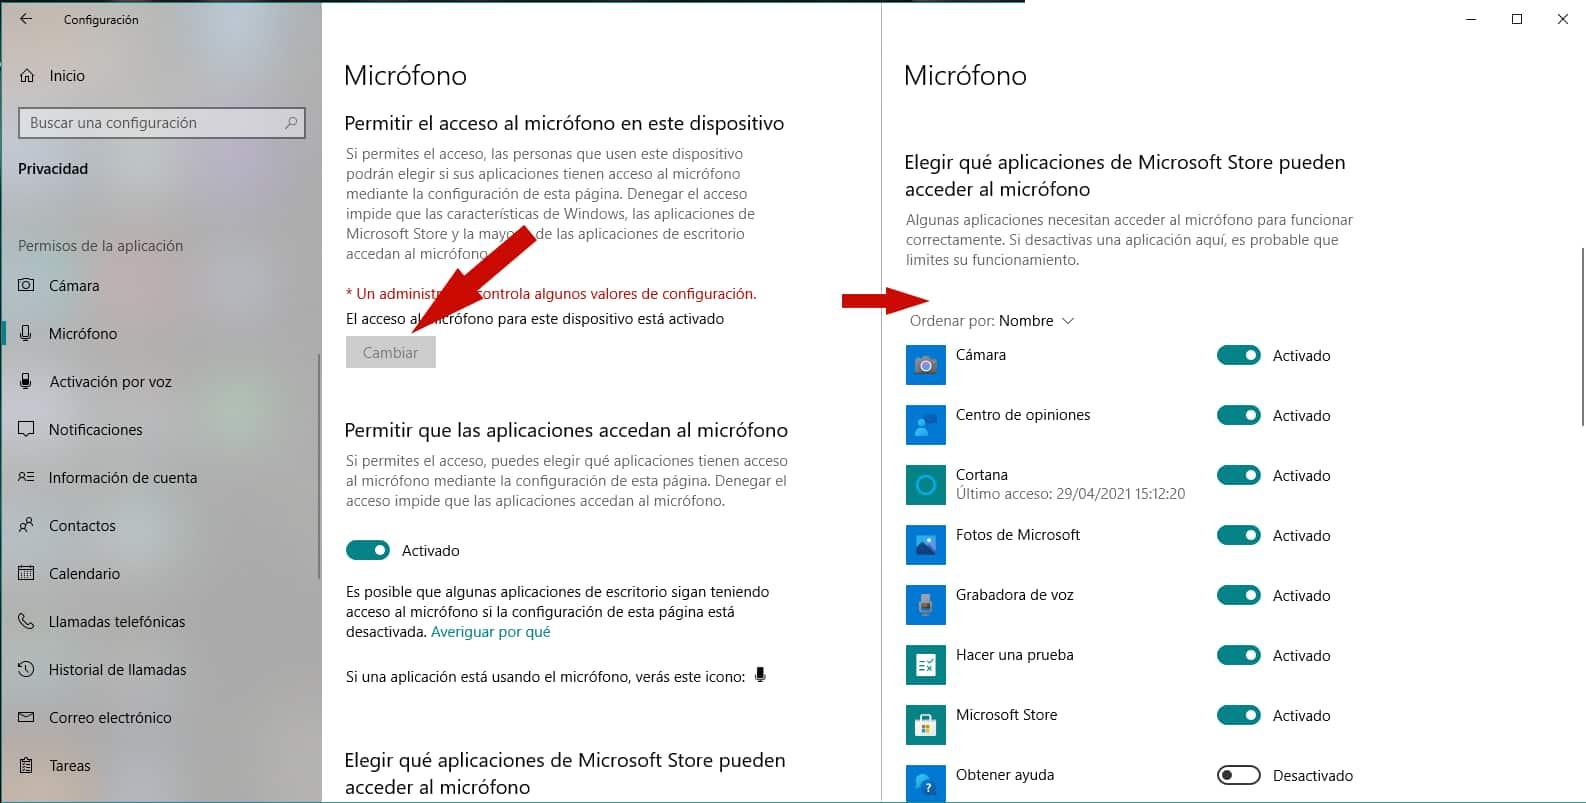 Configuración micrófono Windows 10